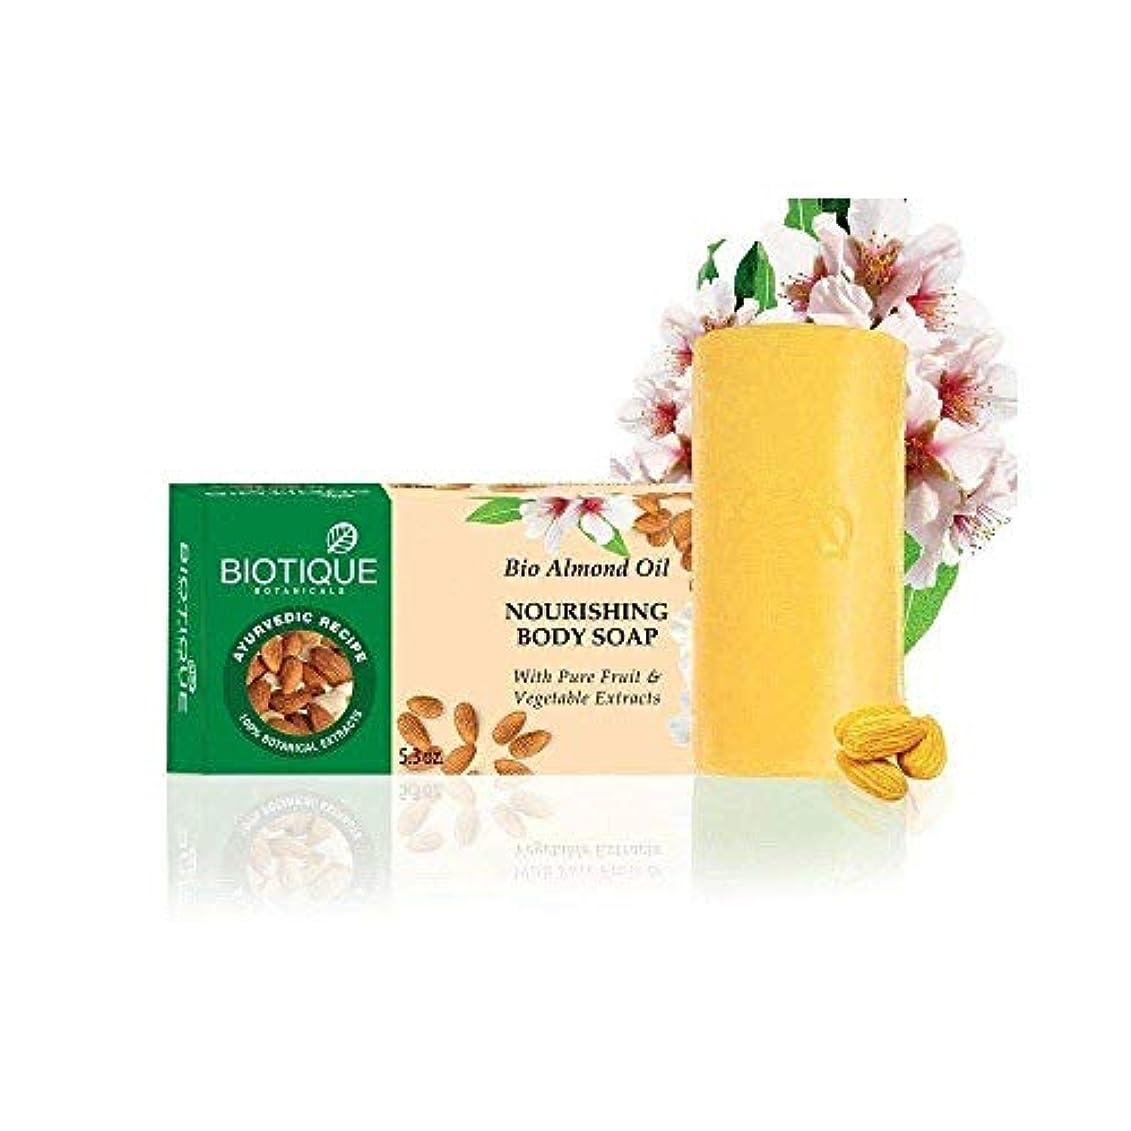 広大な持続的リースBiotique Bio Almond Oil Nourishing Body Soap - 150g (Pack of 2) wash Impurities Biotique Bio Almond Oilナリッシングボディソープ...